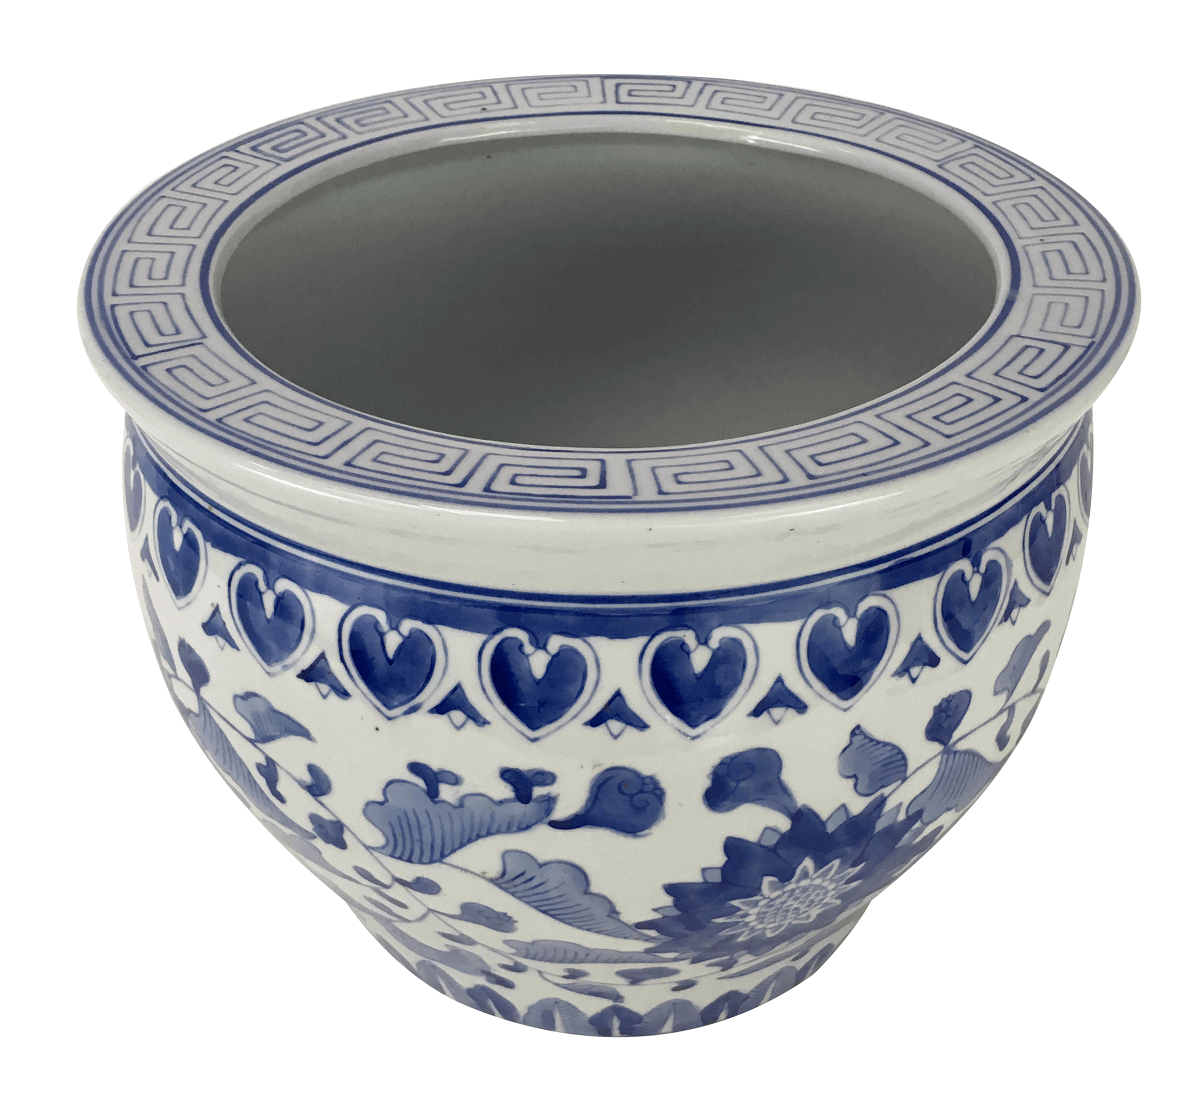 Grande Cachepot Porcelana Antiga Azul E Branco 30cm Belissimo